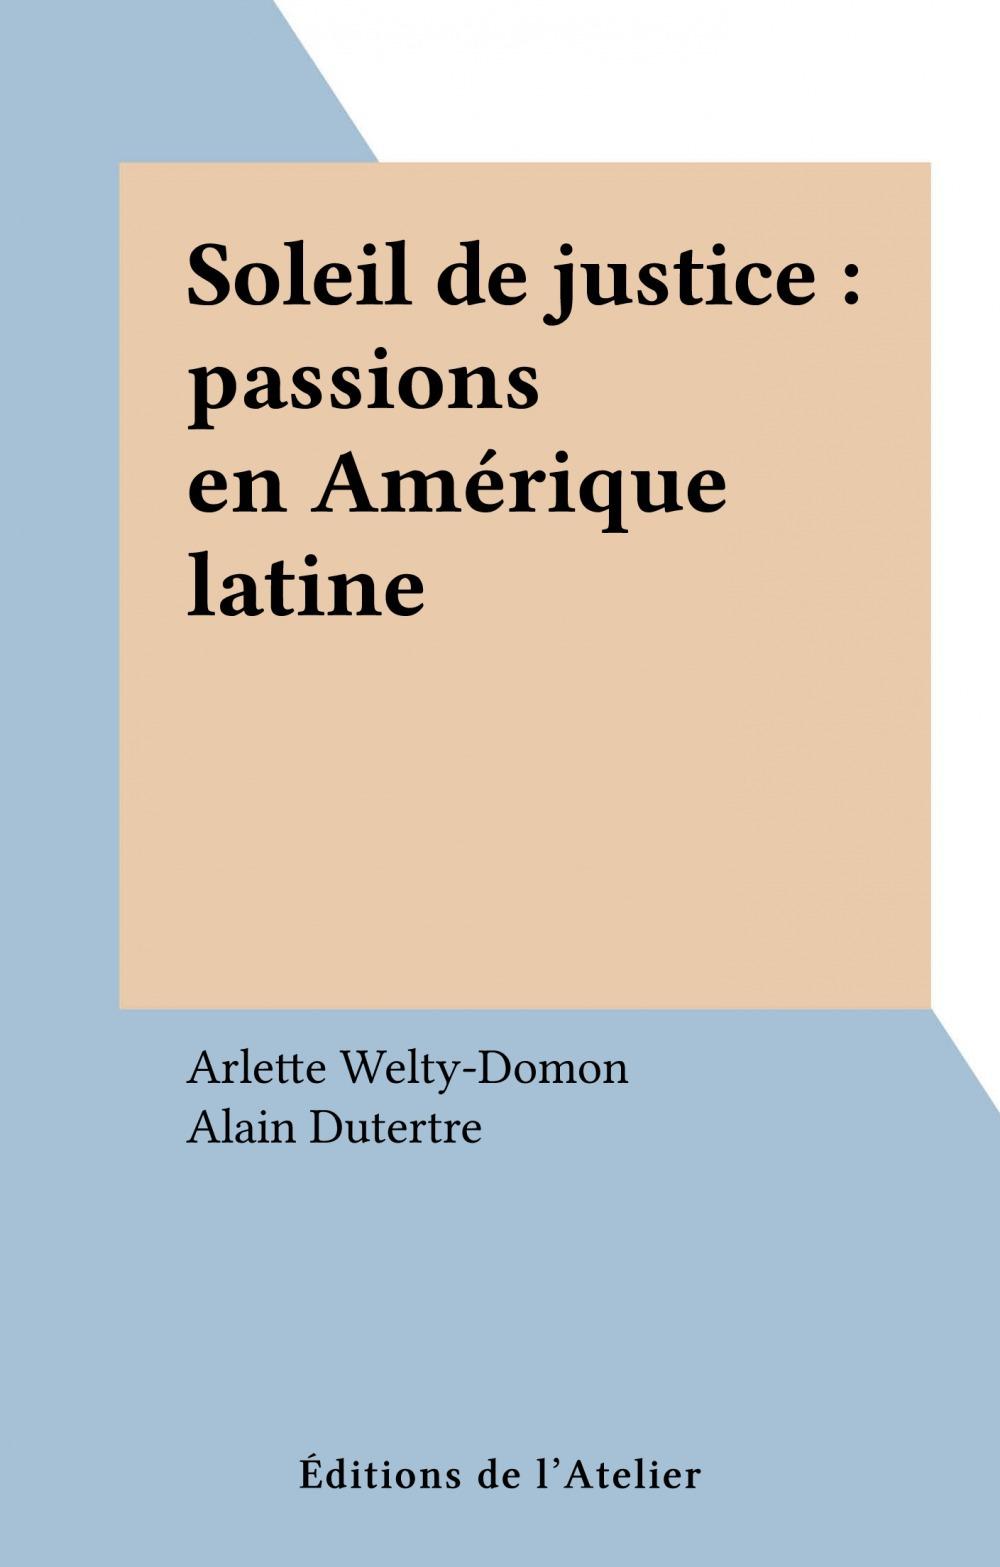 Soleil de justice : passions en Amérique latine